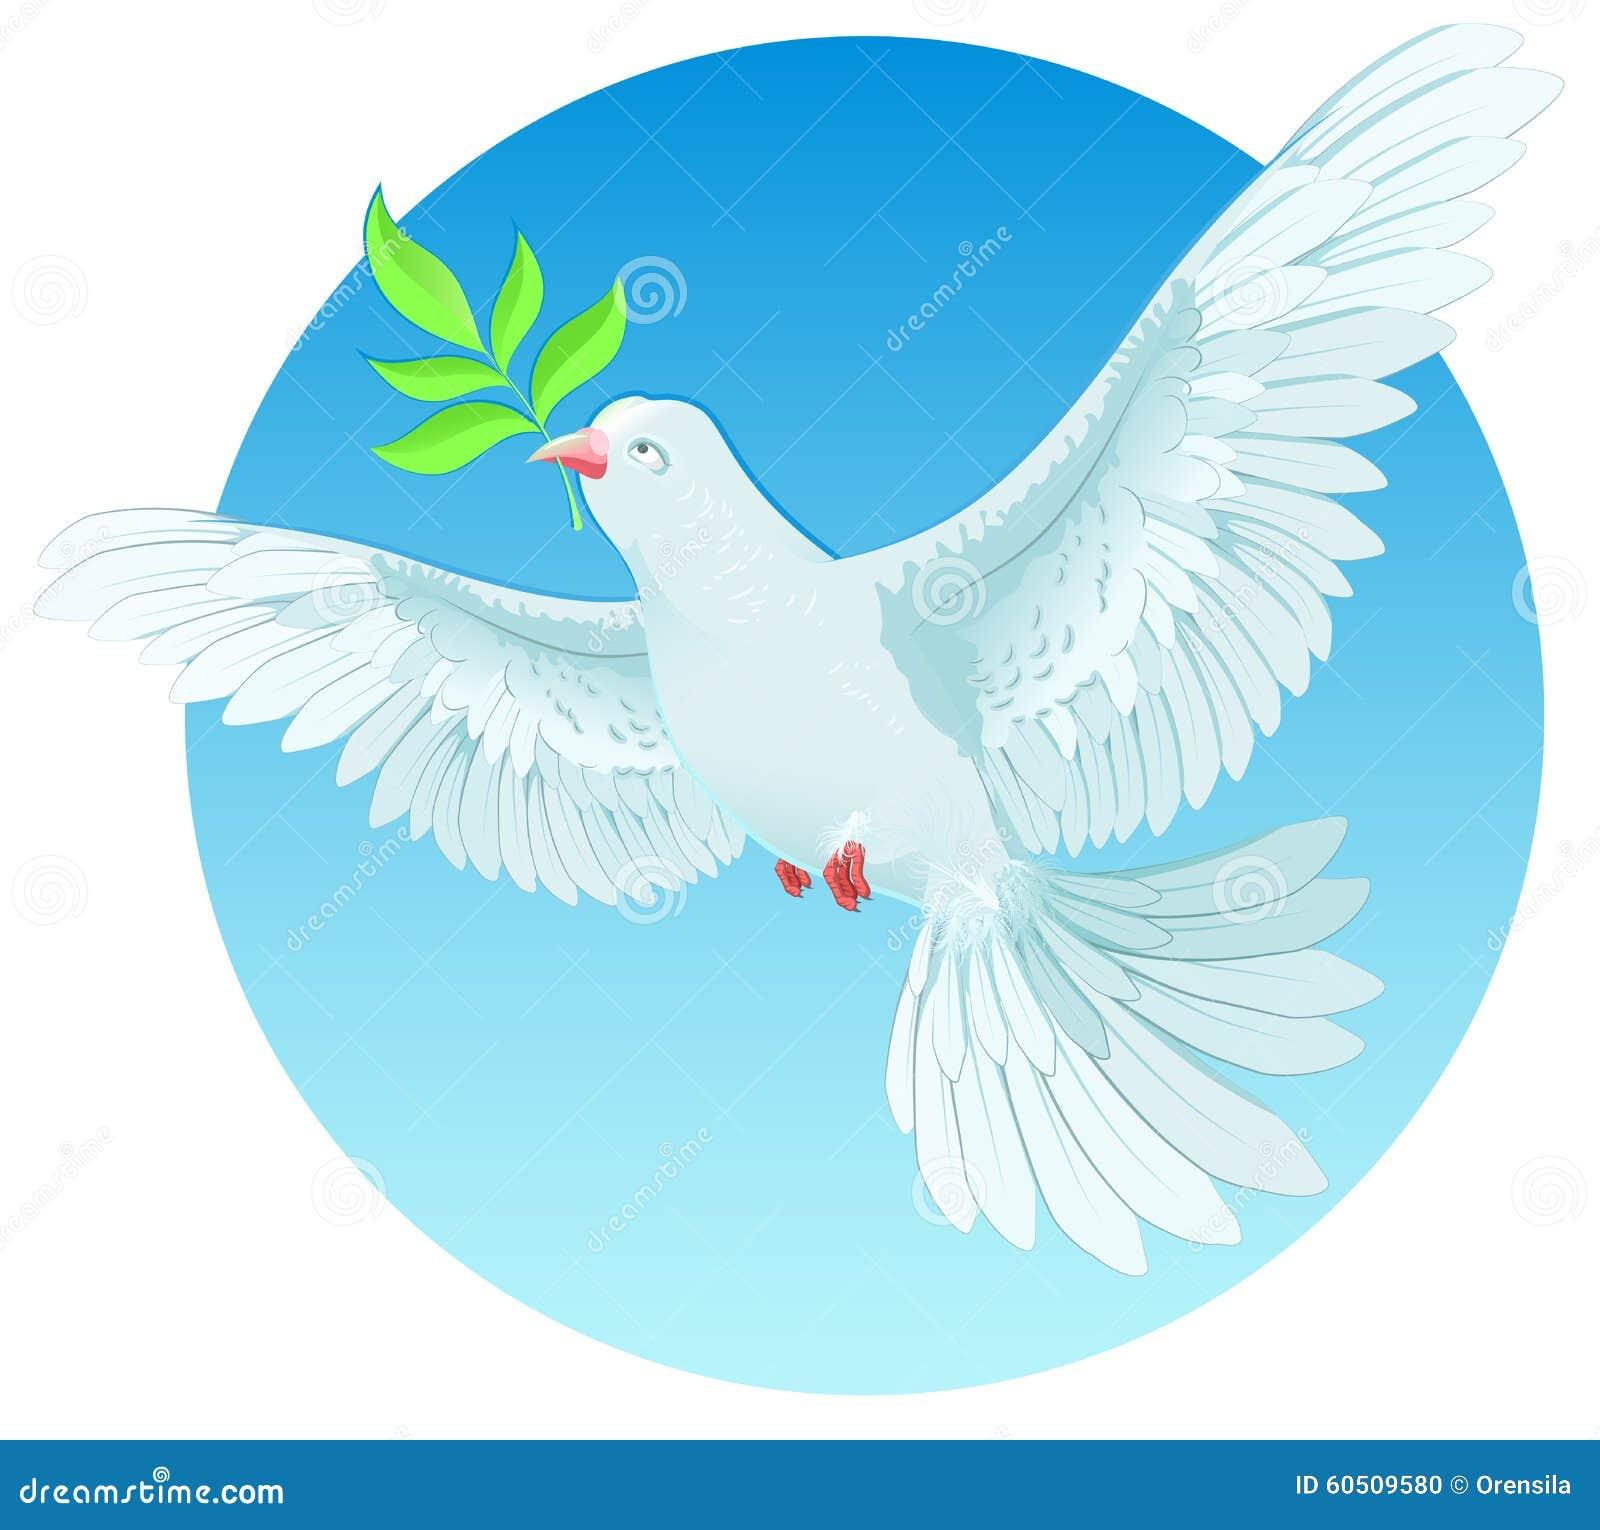 Поделки на тему мир с голубями